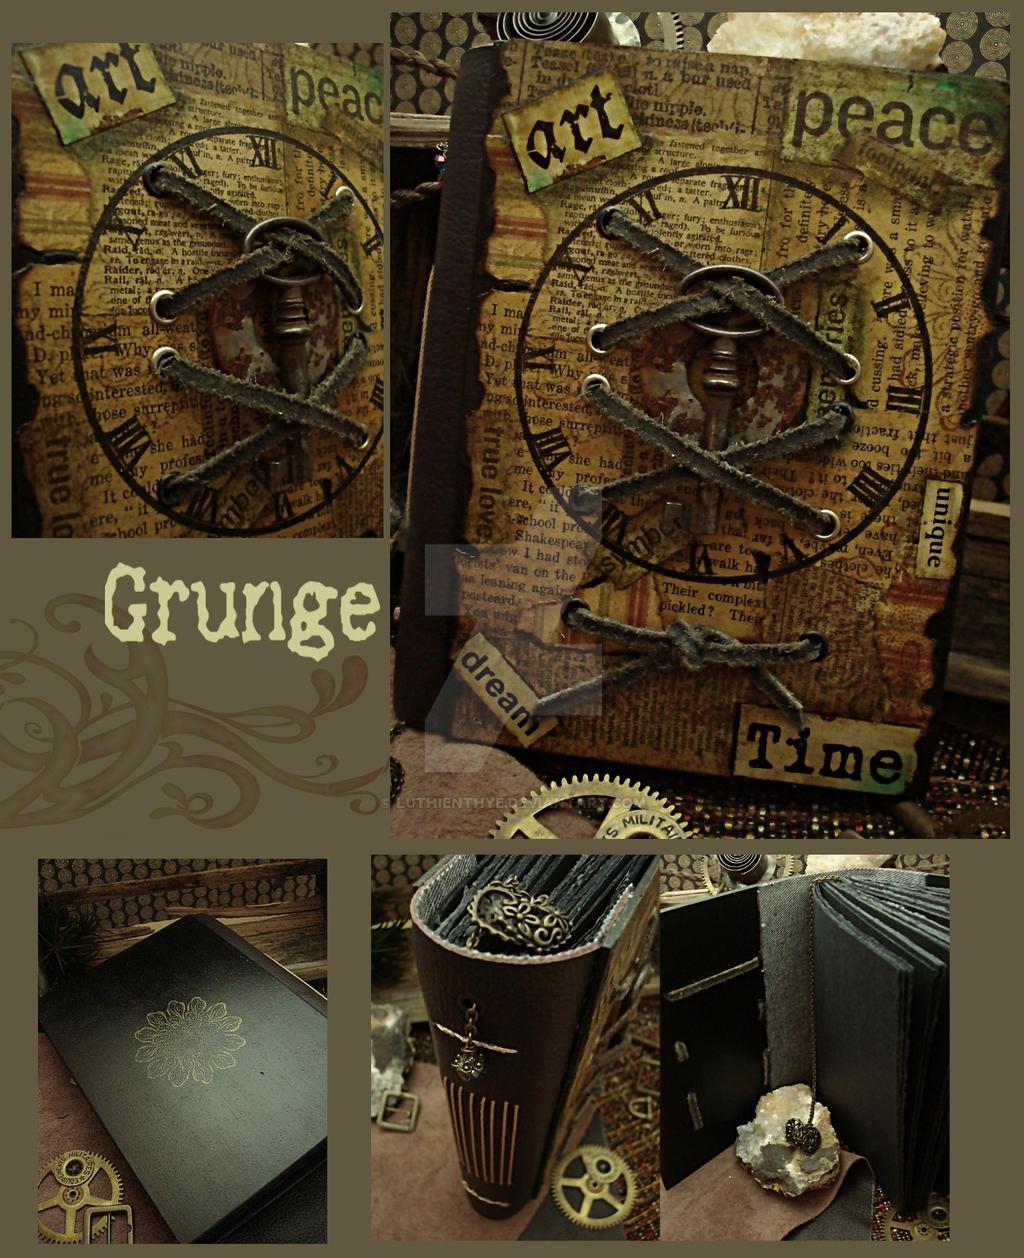 Grunge by luthien27